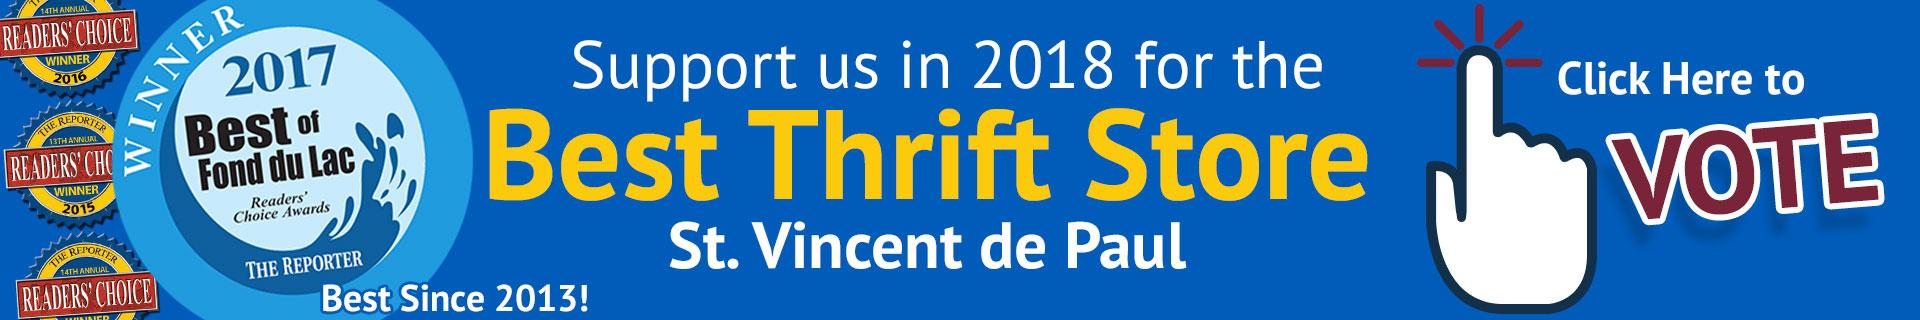 Best of Fond du Lac 2018. Vote best thrift store: St. Vincent de Paul.